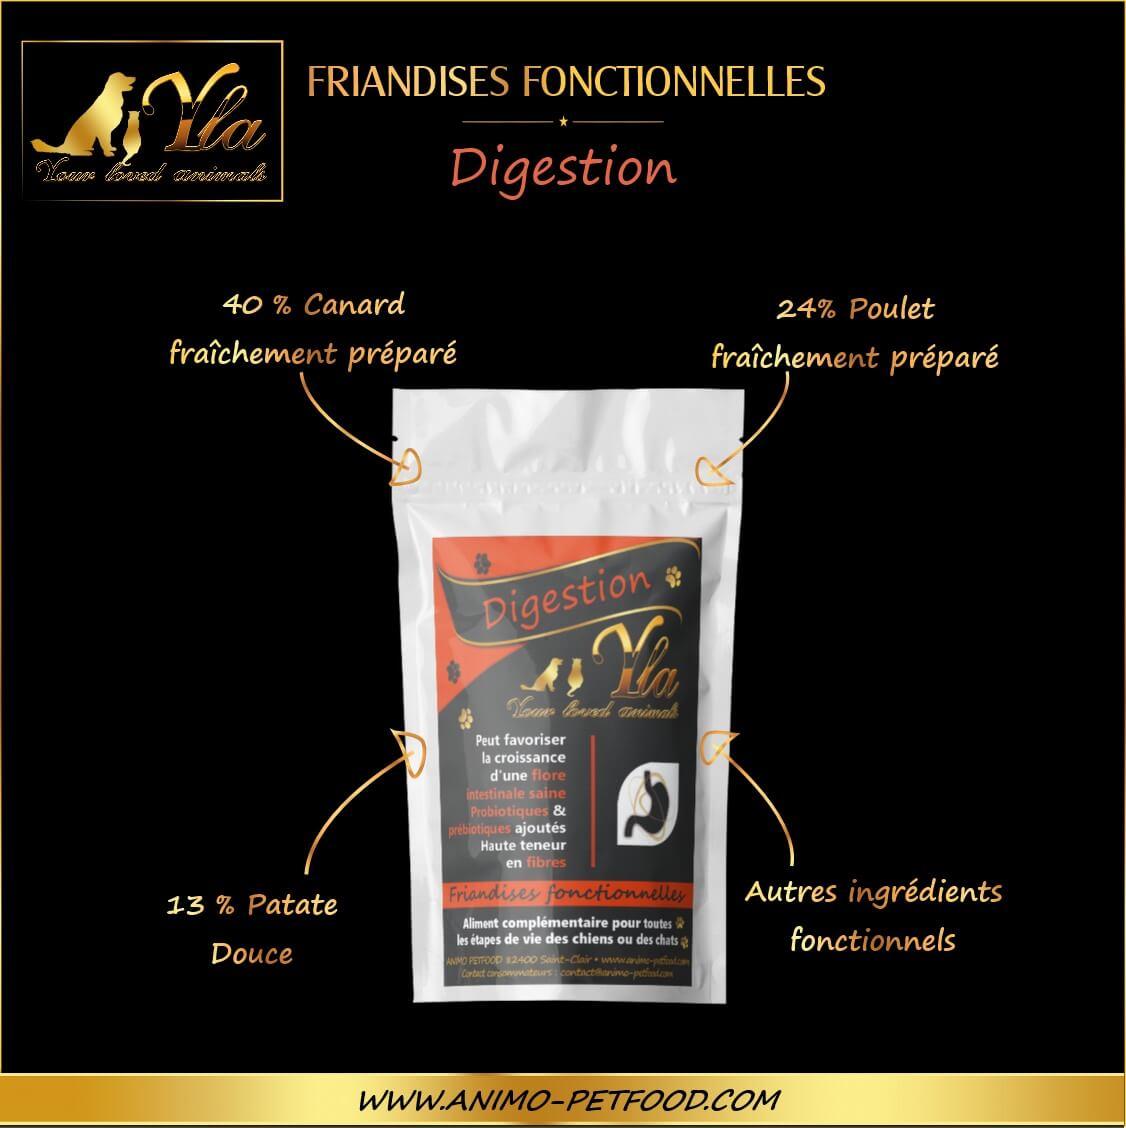 chien-chat-friandises-naturelles-fonctionnelles-digestion